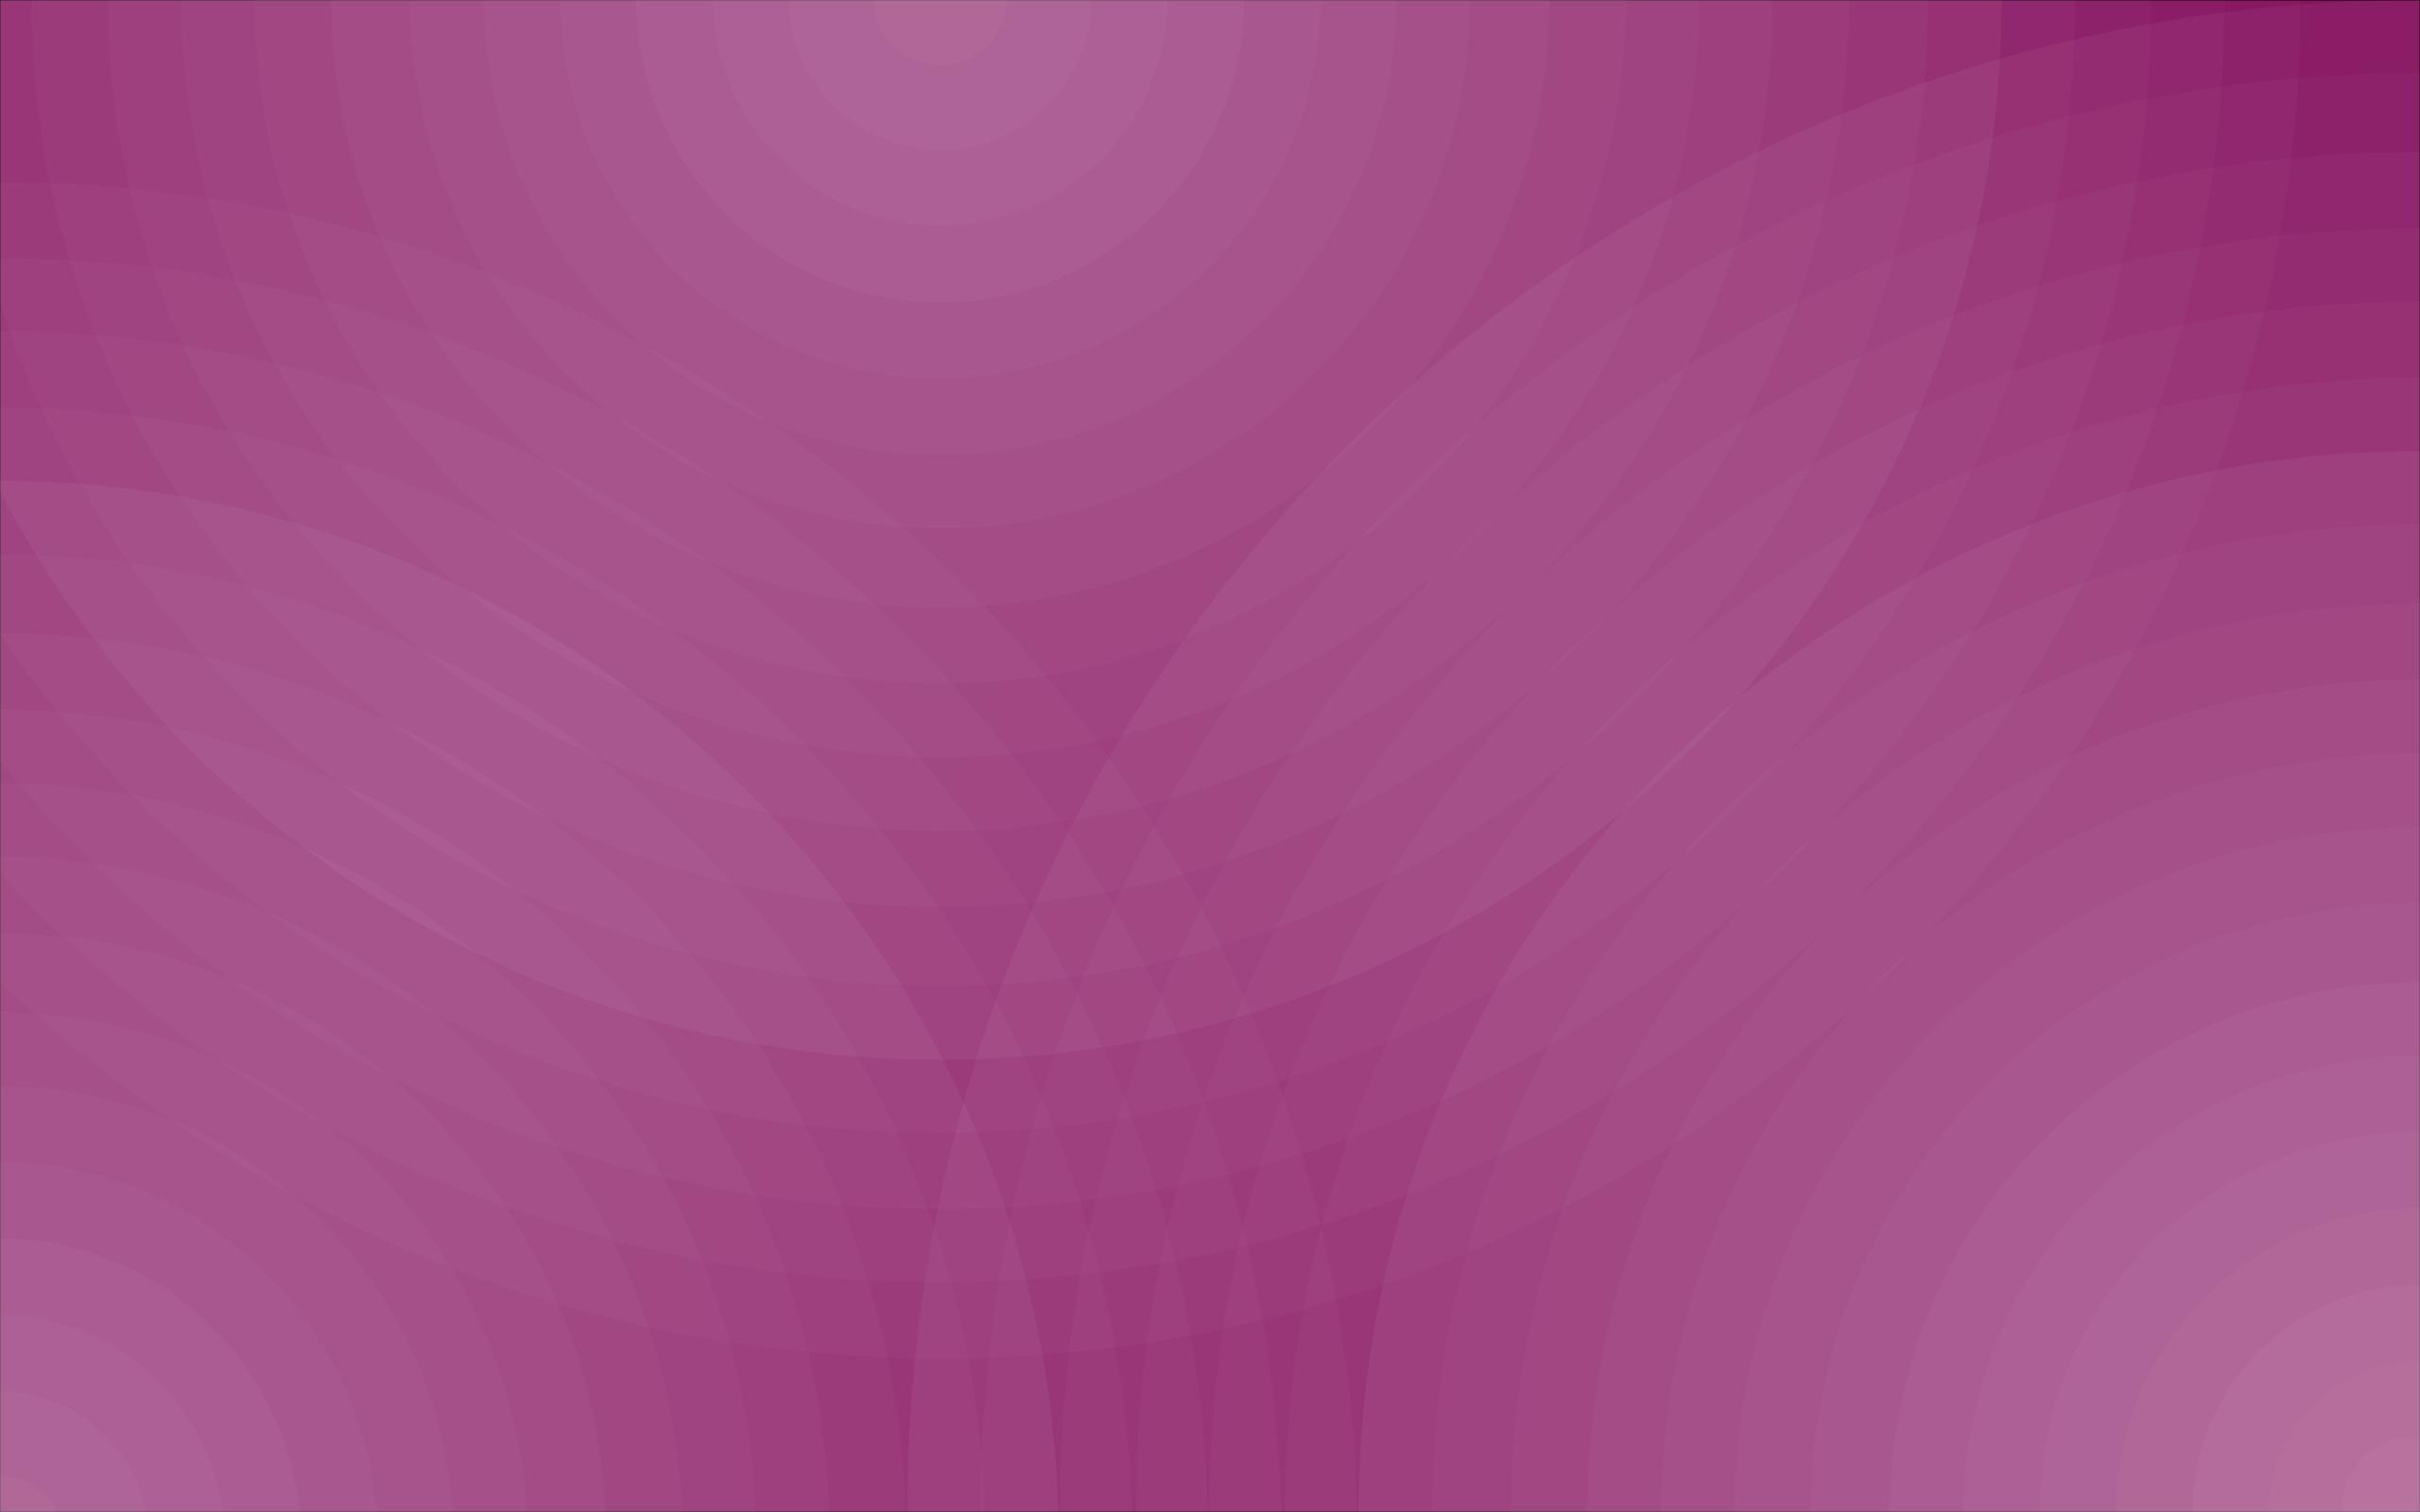 Fondo De Pantalla Abstracto Flores Y Circulos: Fondos De Pantalla : Abstracto, Corazón, Púrpura